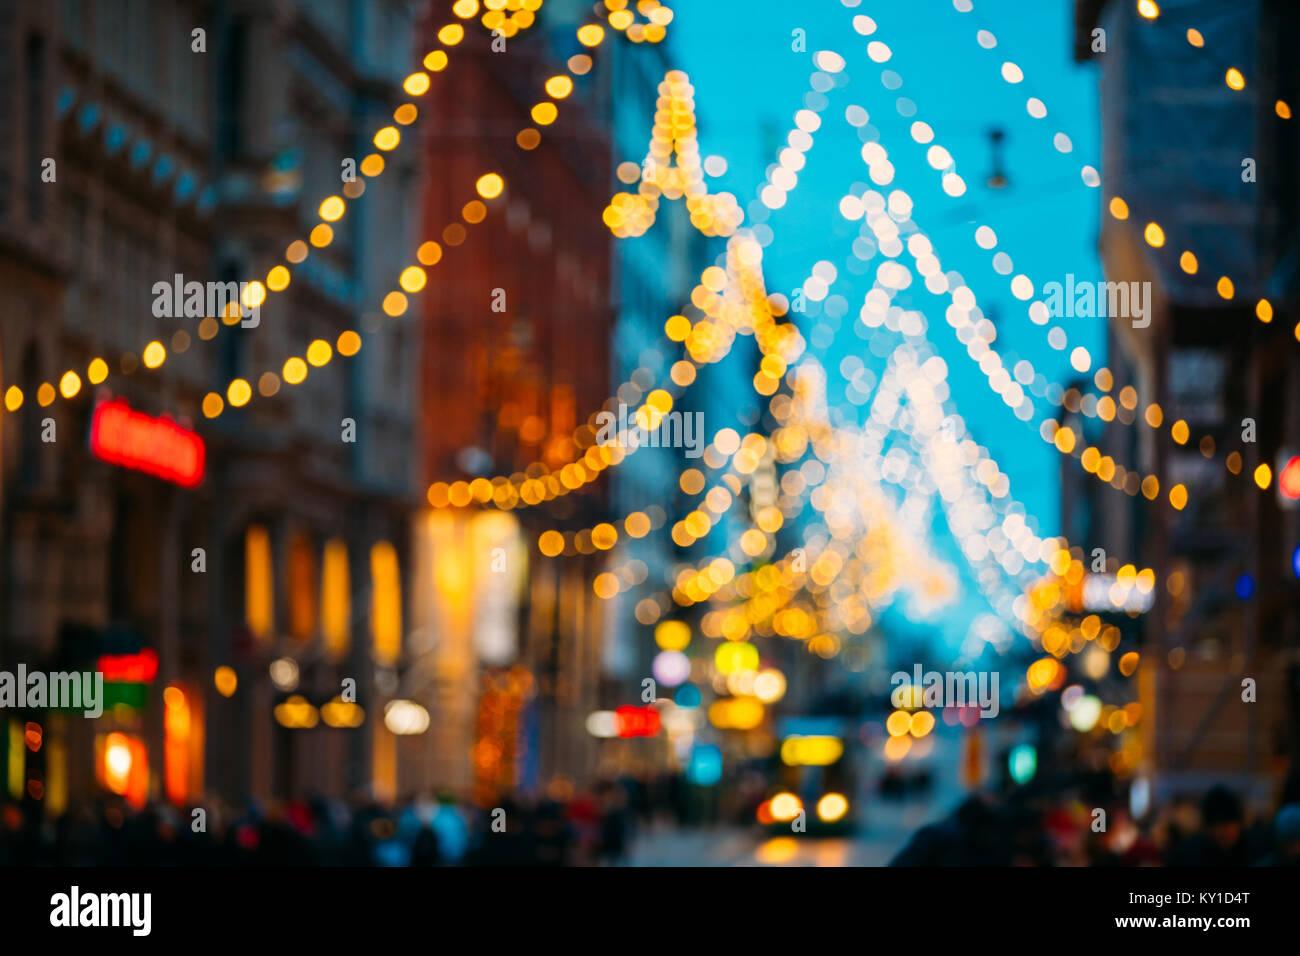 Helsinki finlandia nuovo anno luci boke xmas decorazione per